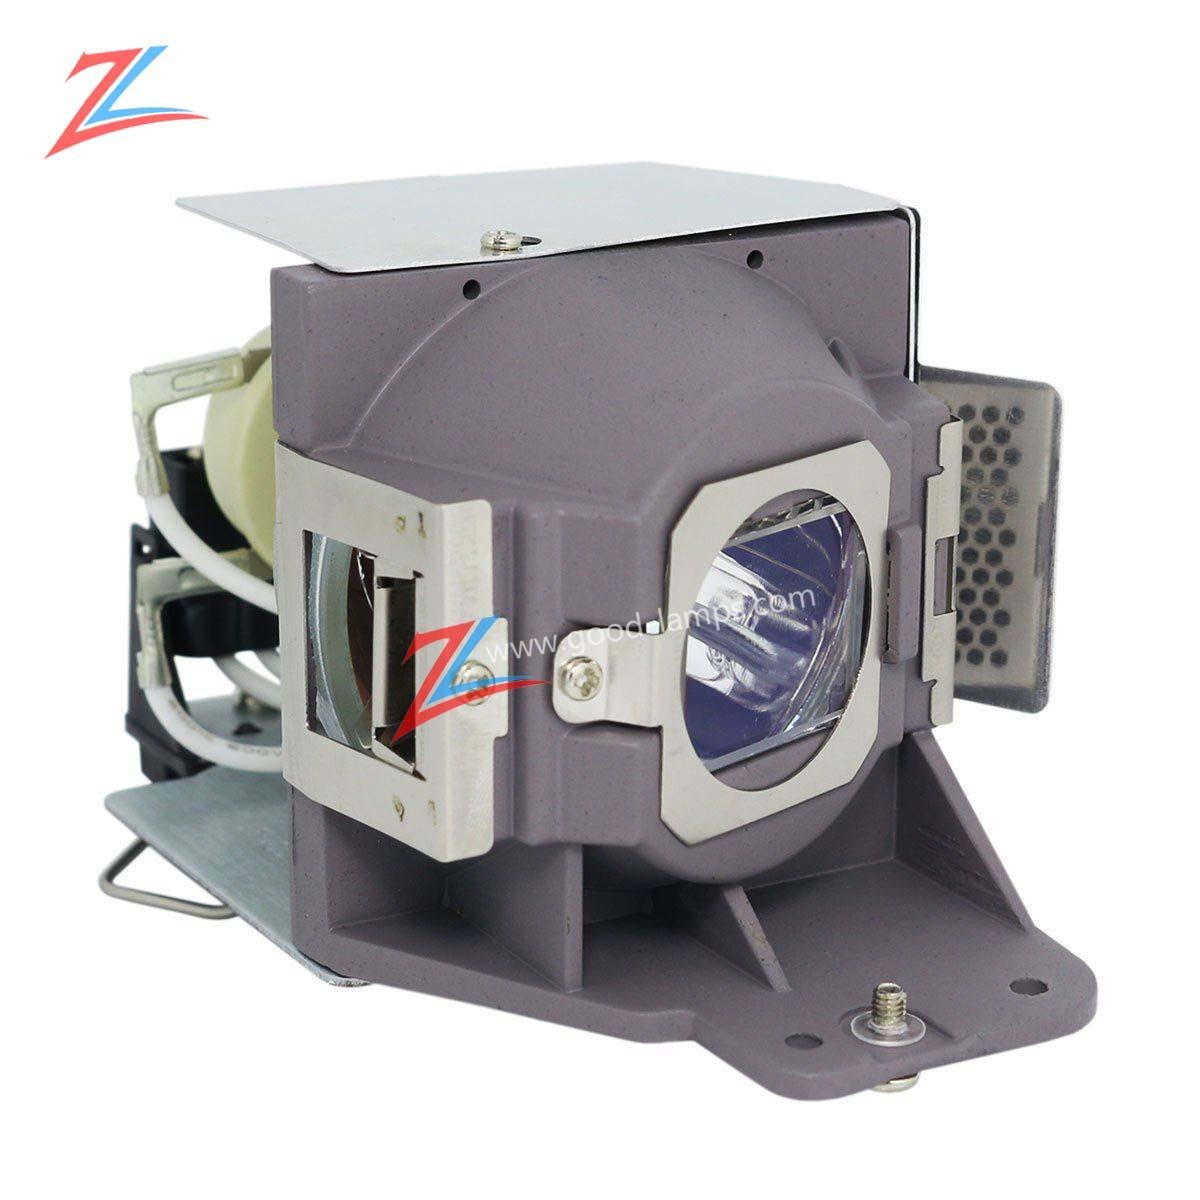 CANON original projector lamp LV-LP37 for Canon LV-S300 LV-X300 S300 LV X300